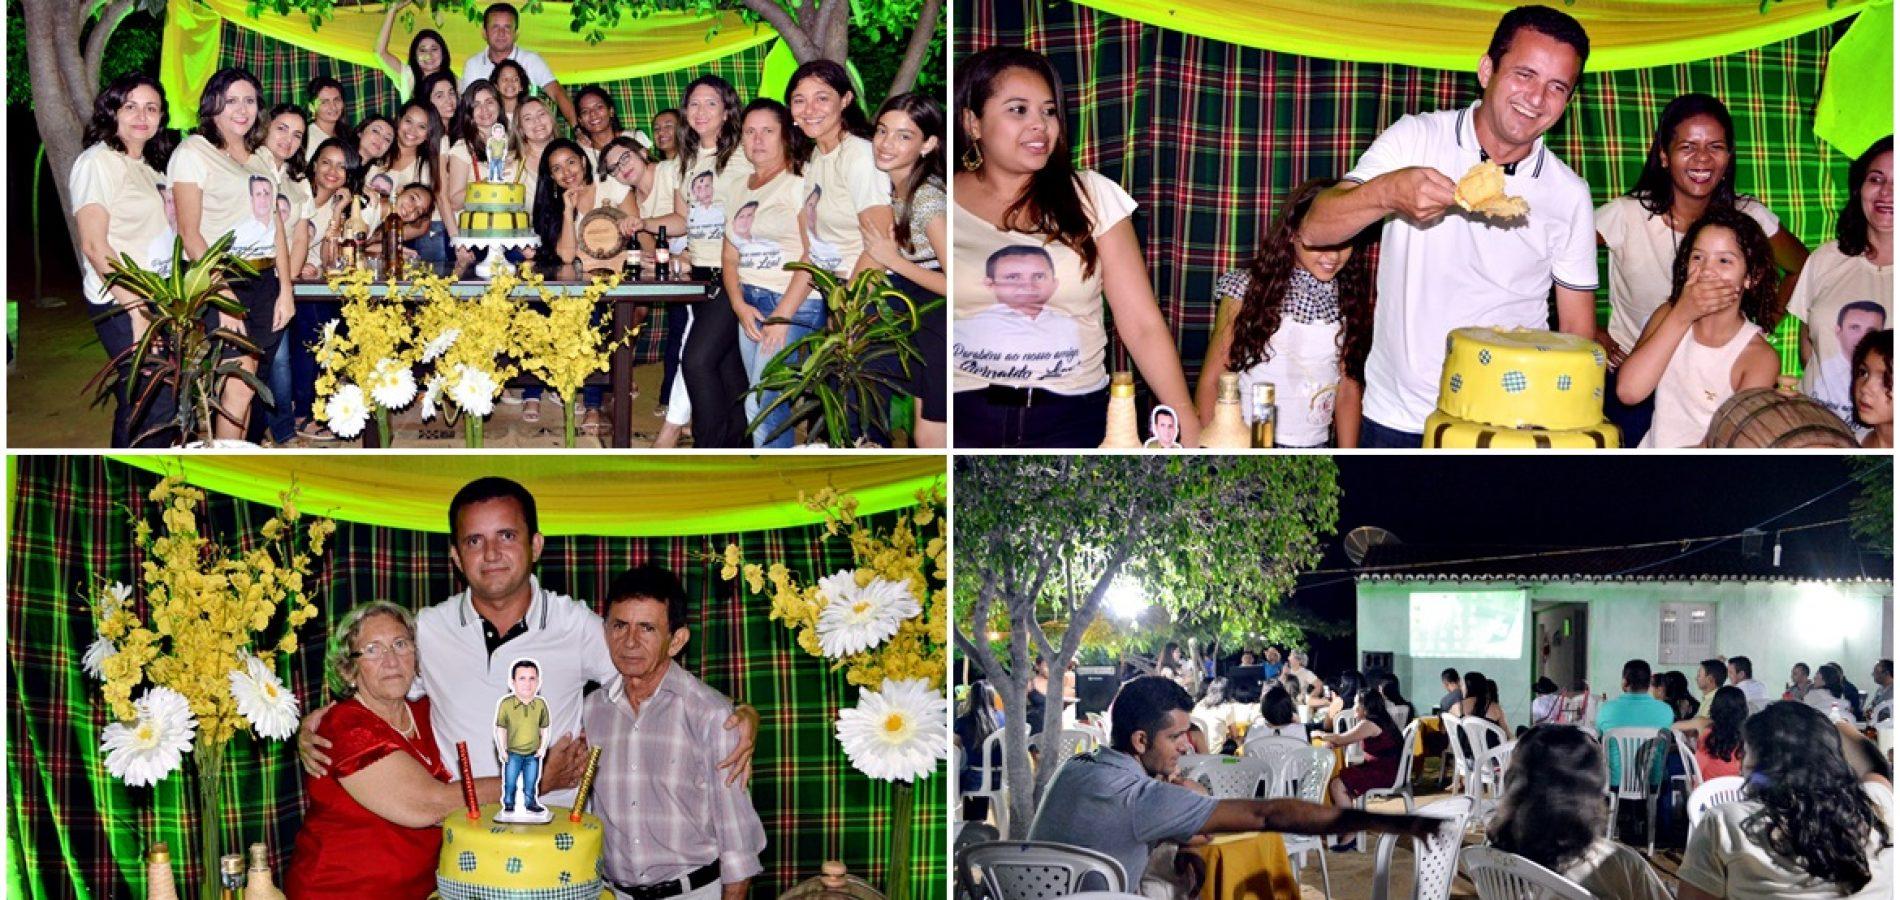 Amigos e familiares comemoram aniversário do ex-prefeito Arinaldo Leal em Vila Nova; veja fotos